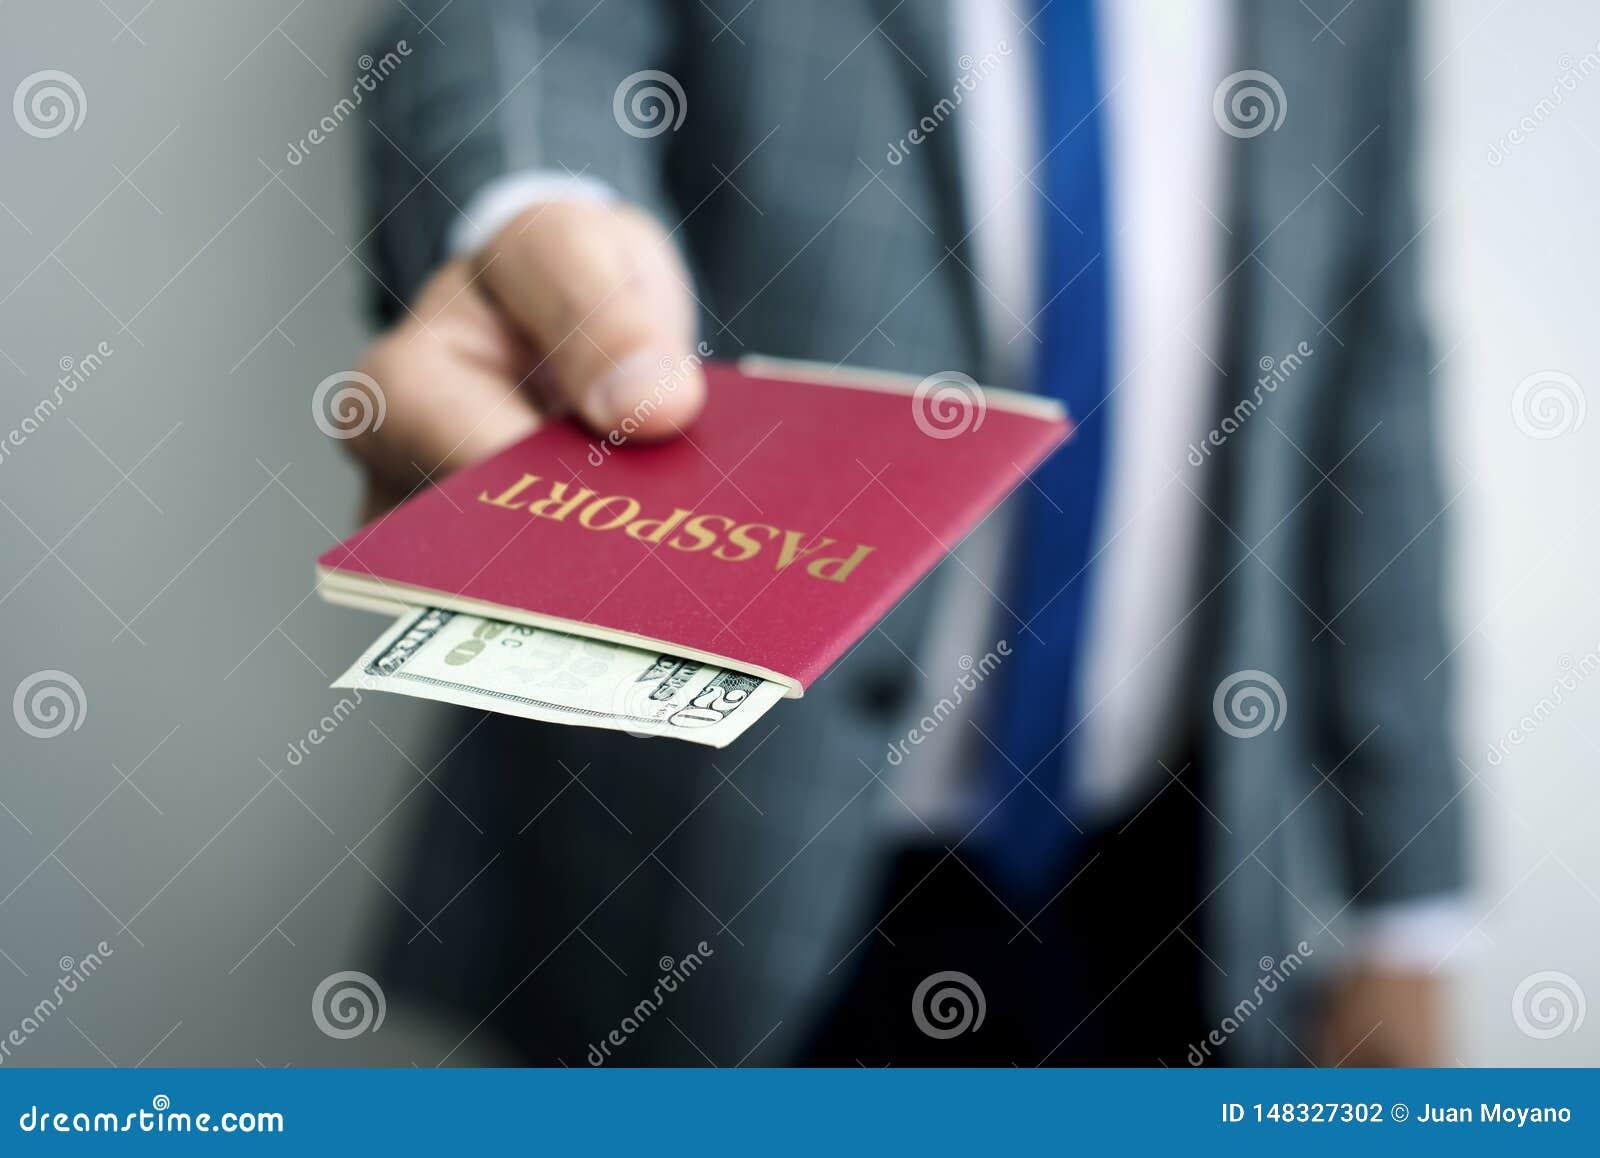 Επιχειρηματίας με 20 δολάρια στο διαβατήριό του